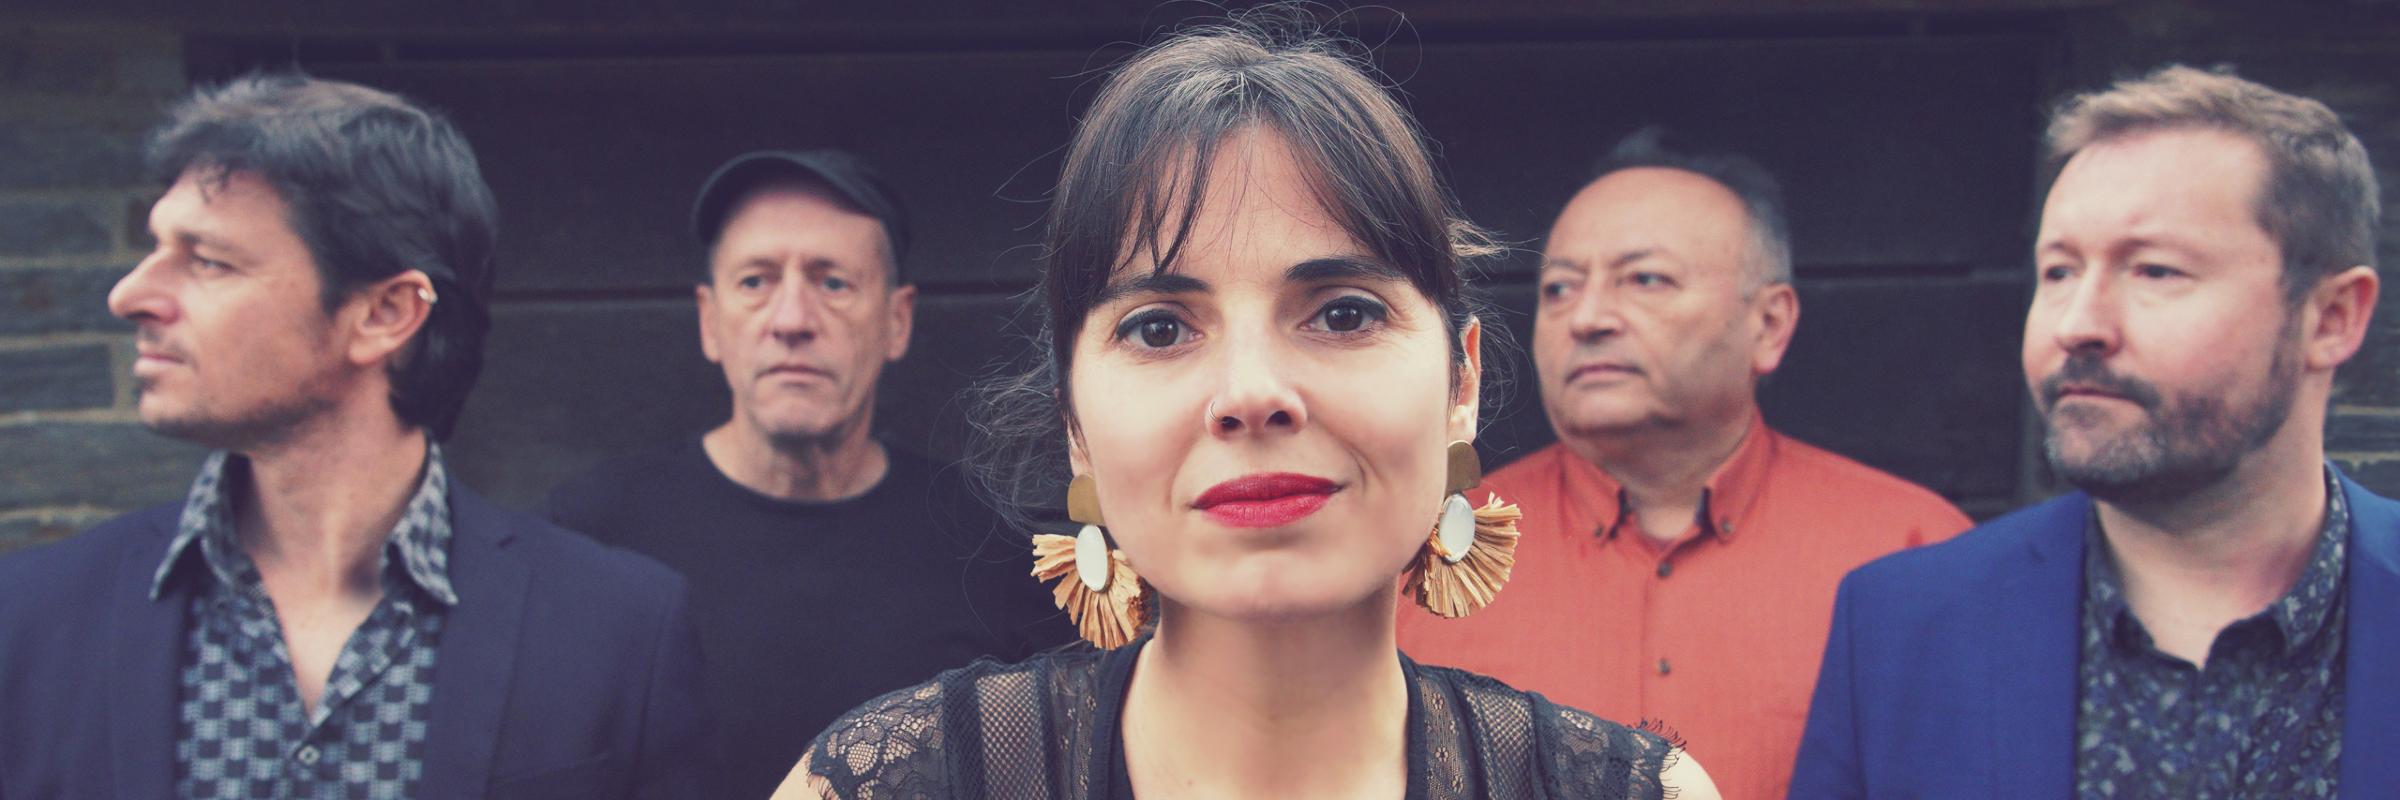 Paloma Negra, groupe de musique Musiques du monde en représentation à Morbihan - photo de couverture n° 1